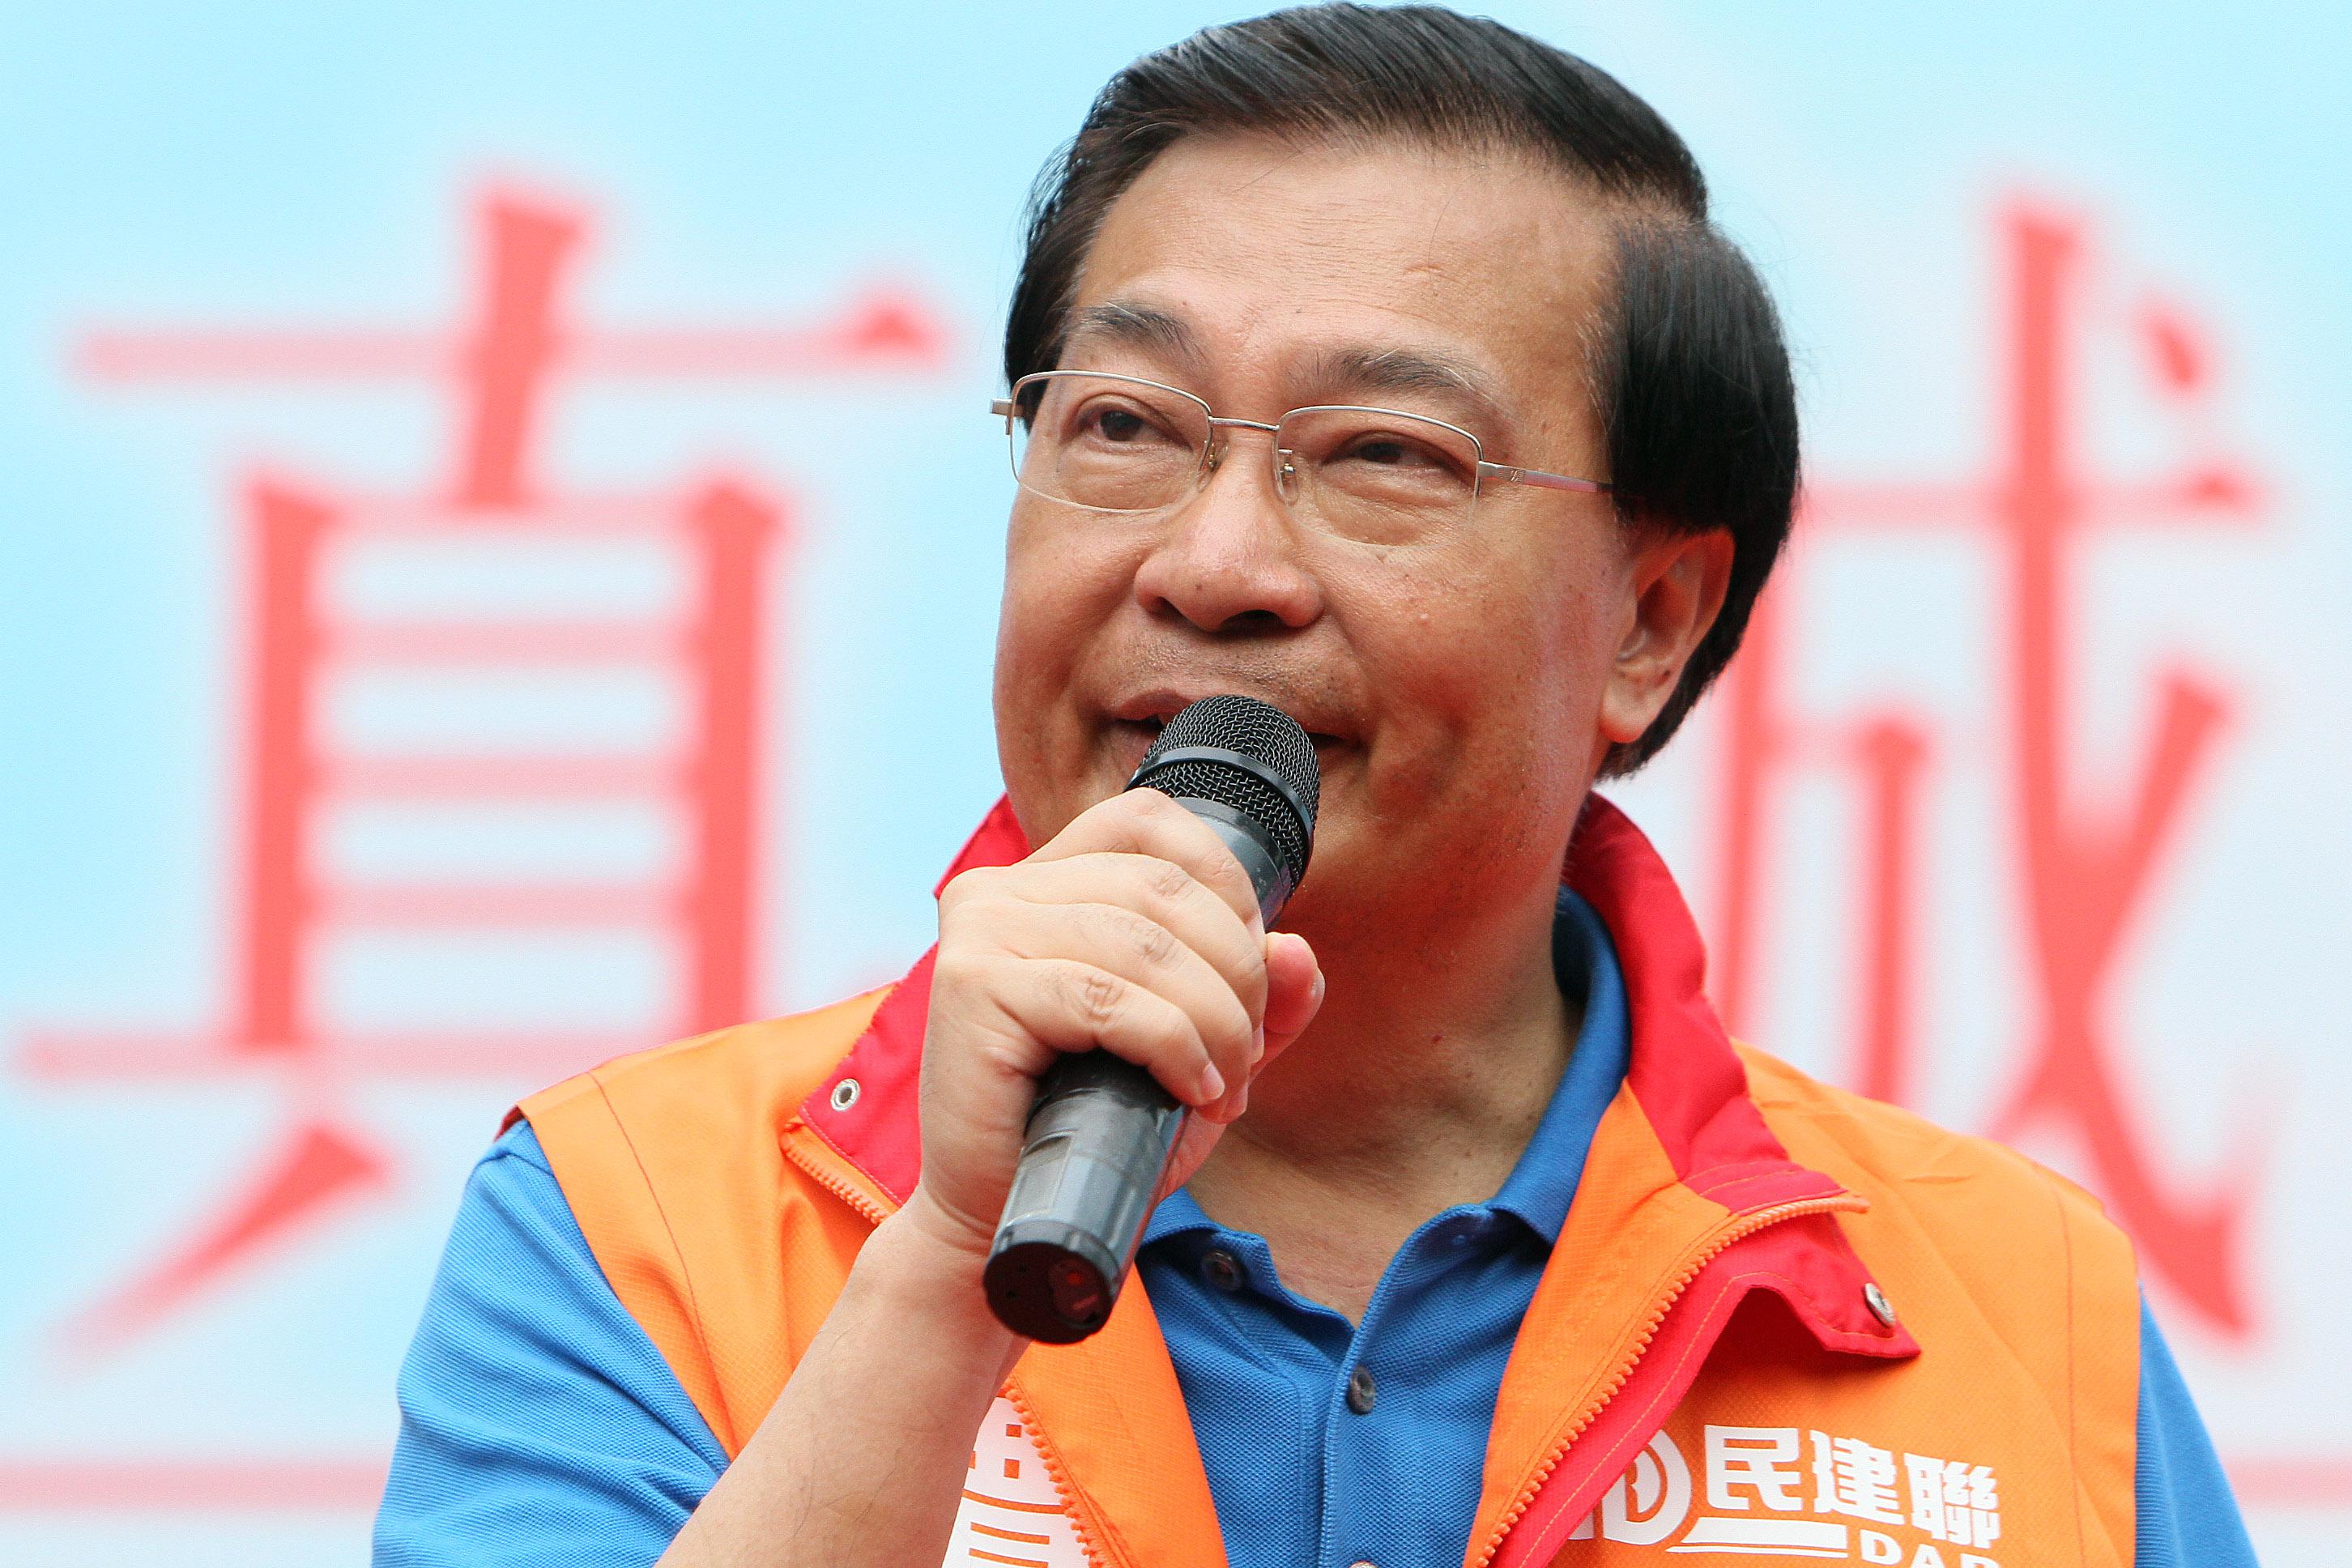 譚耀宗在港區人大代表選舉提名中獲得850多張提名票。(Wikipedia Commons)